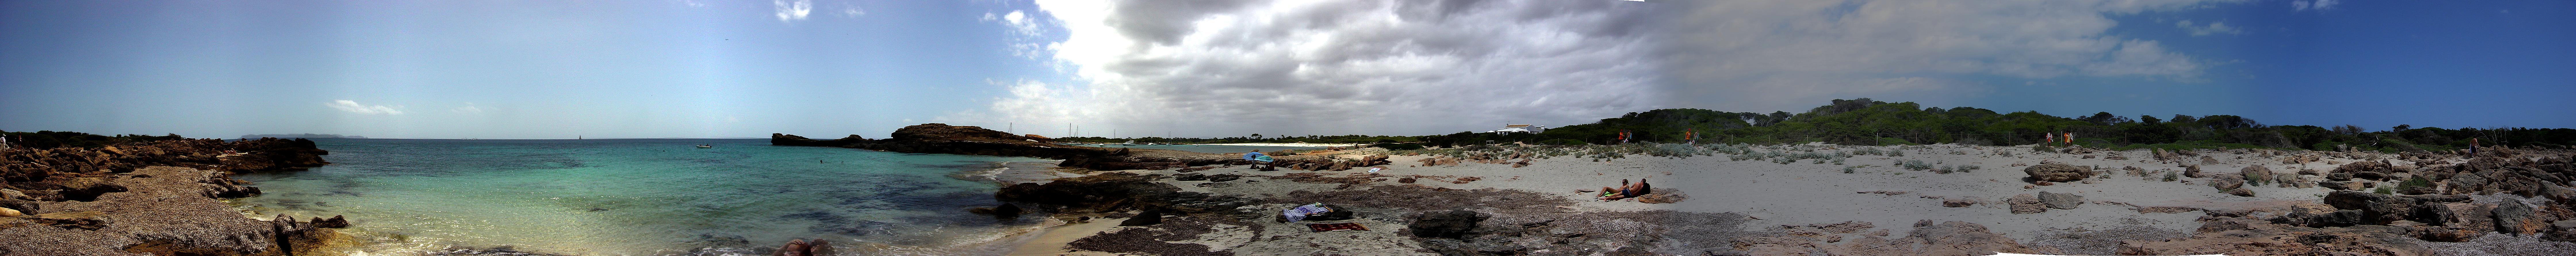 Foto playa Es Caragol. Panorama - near Playa es Caragol